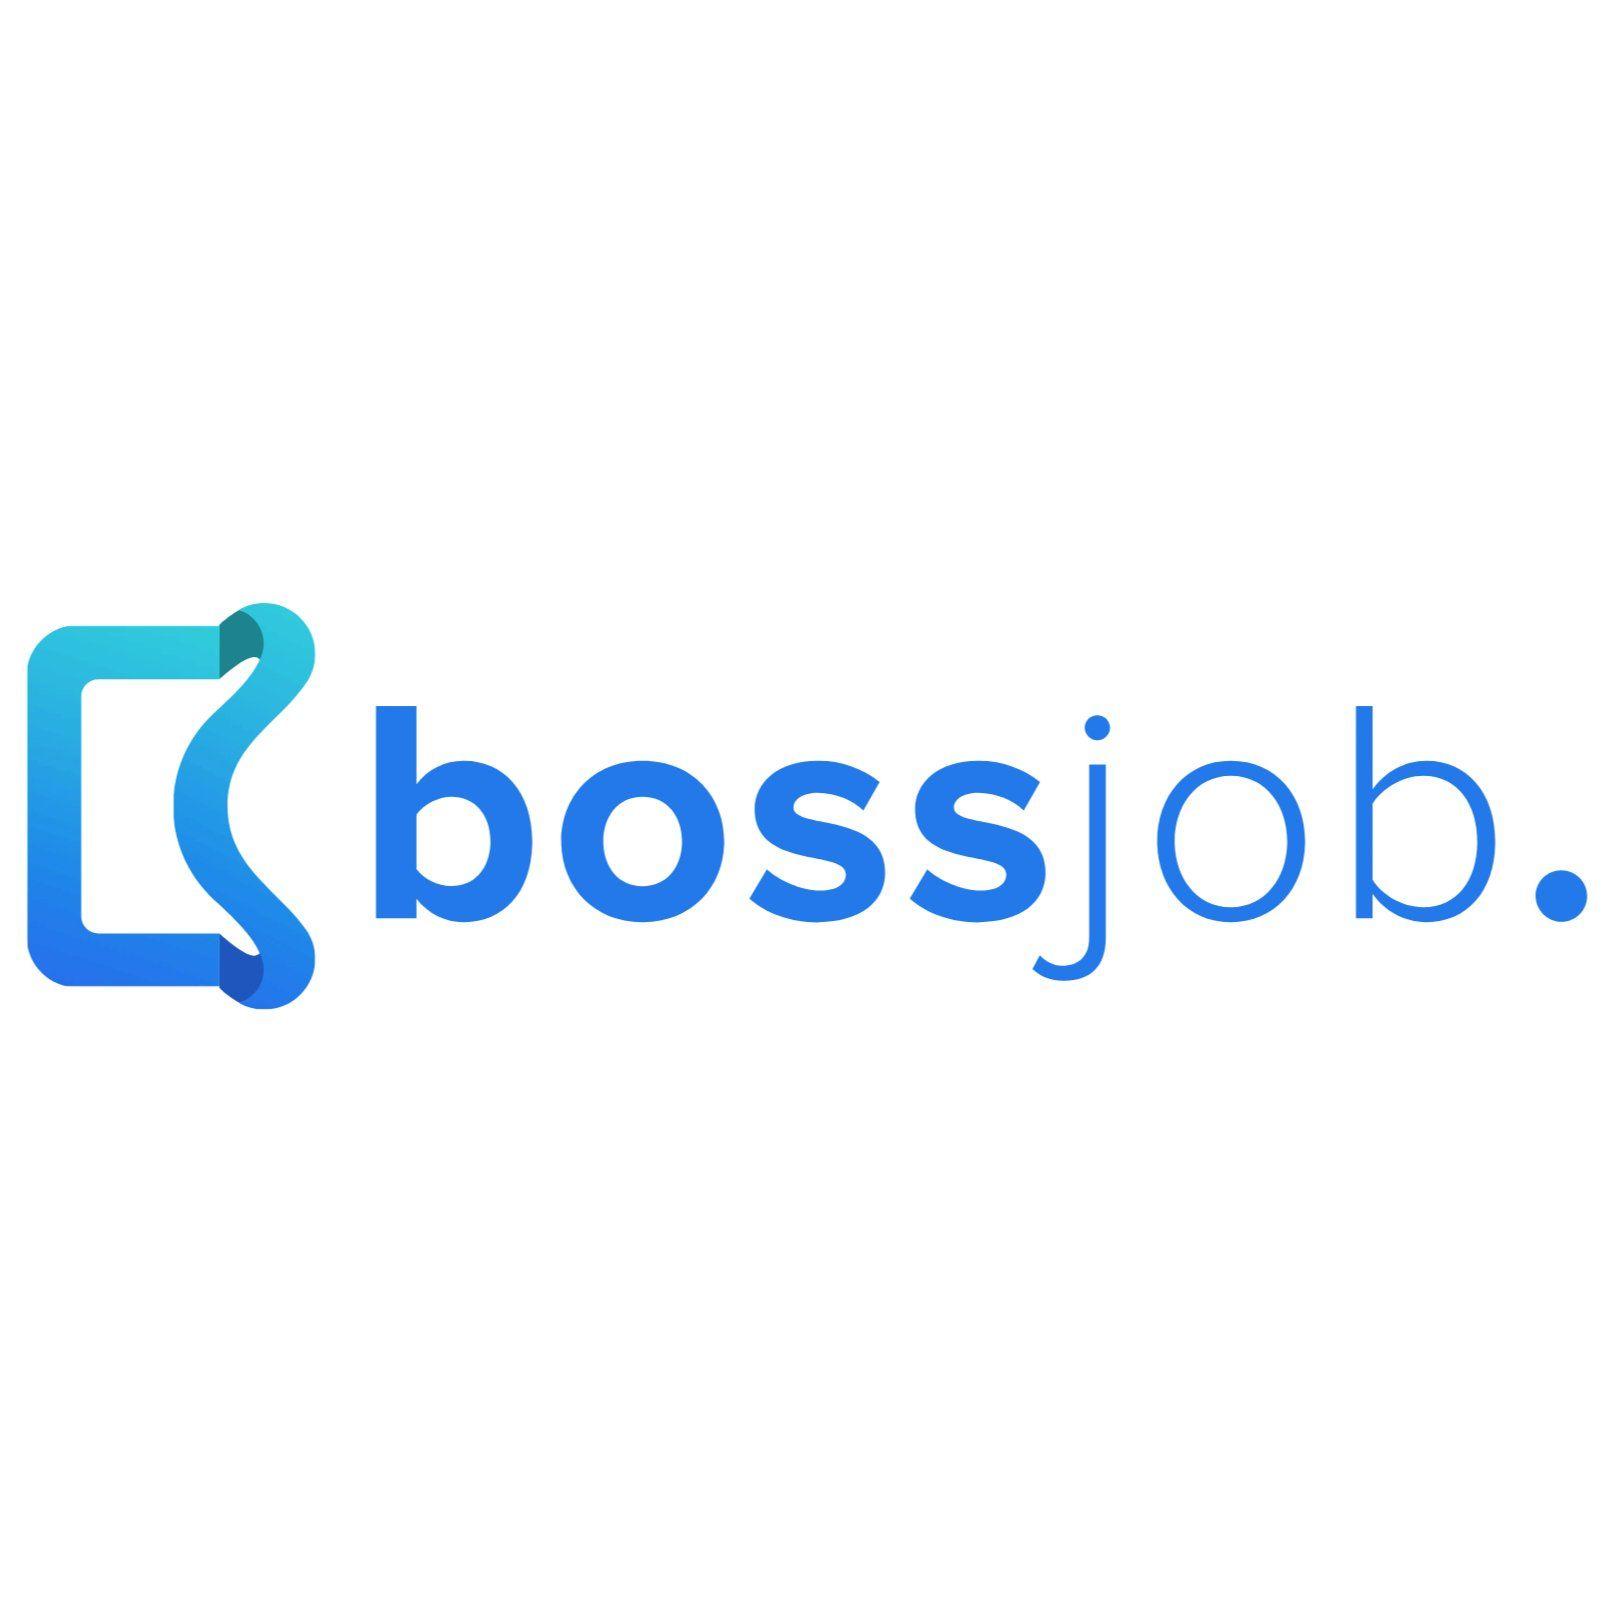 Bossjob logo